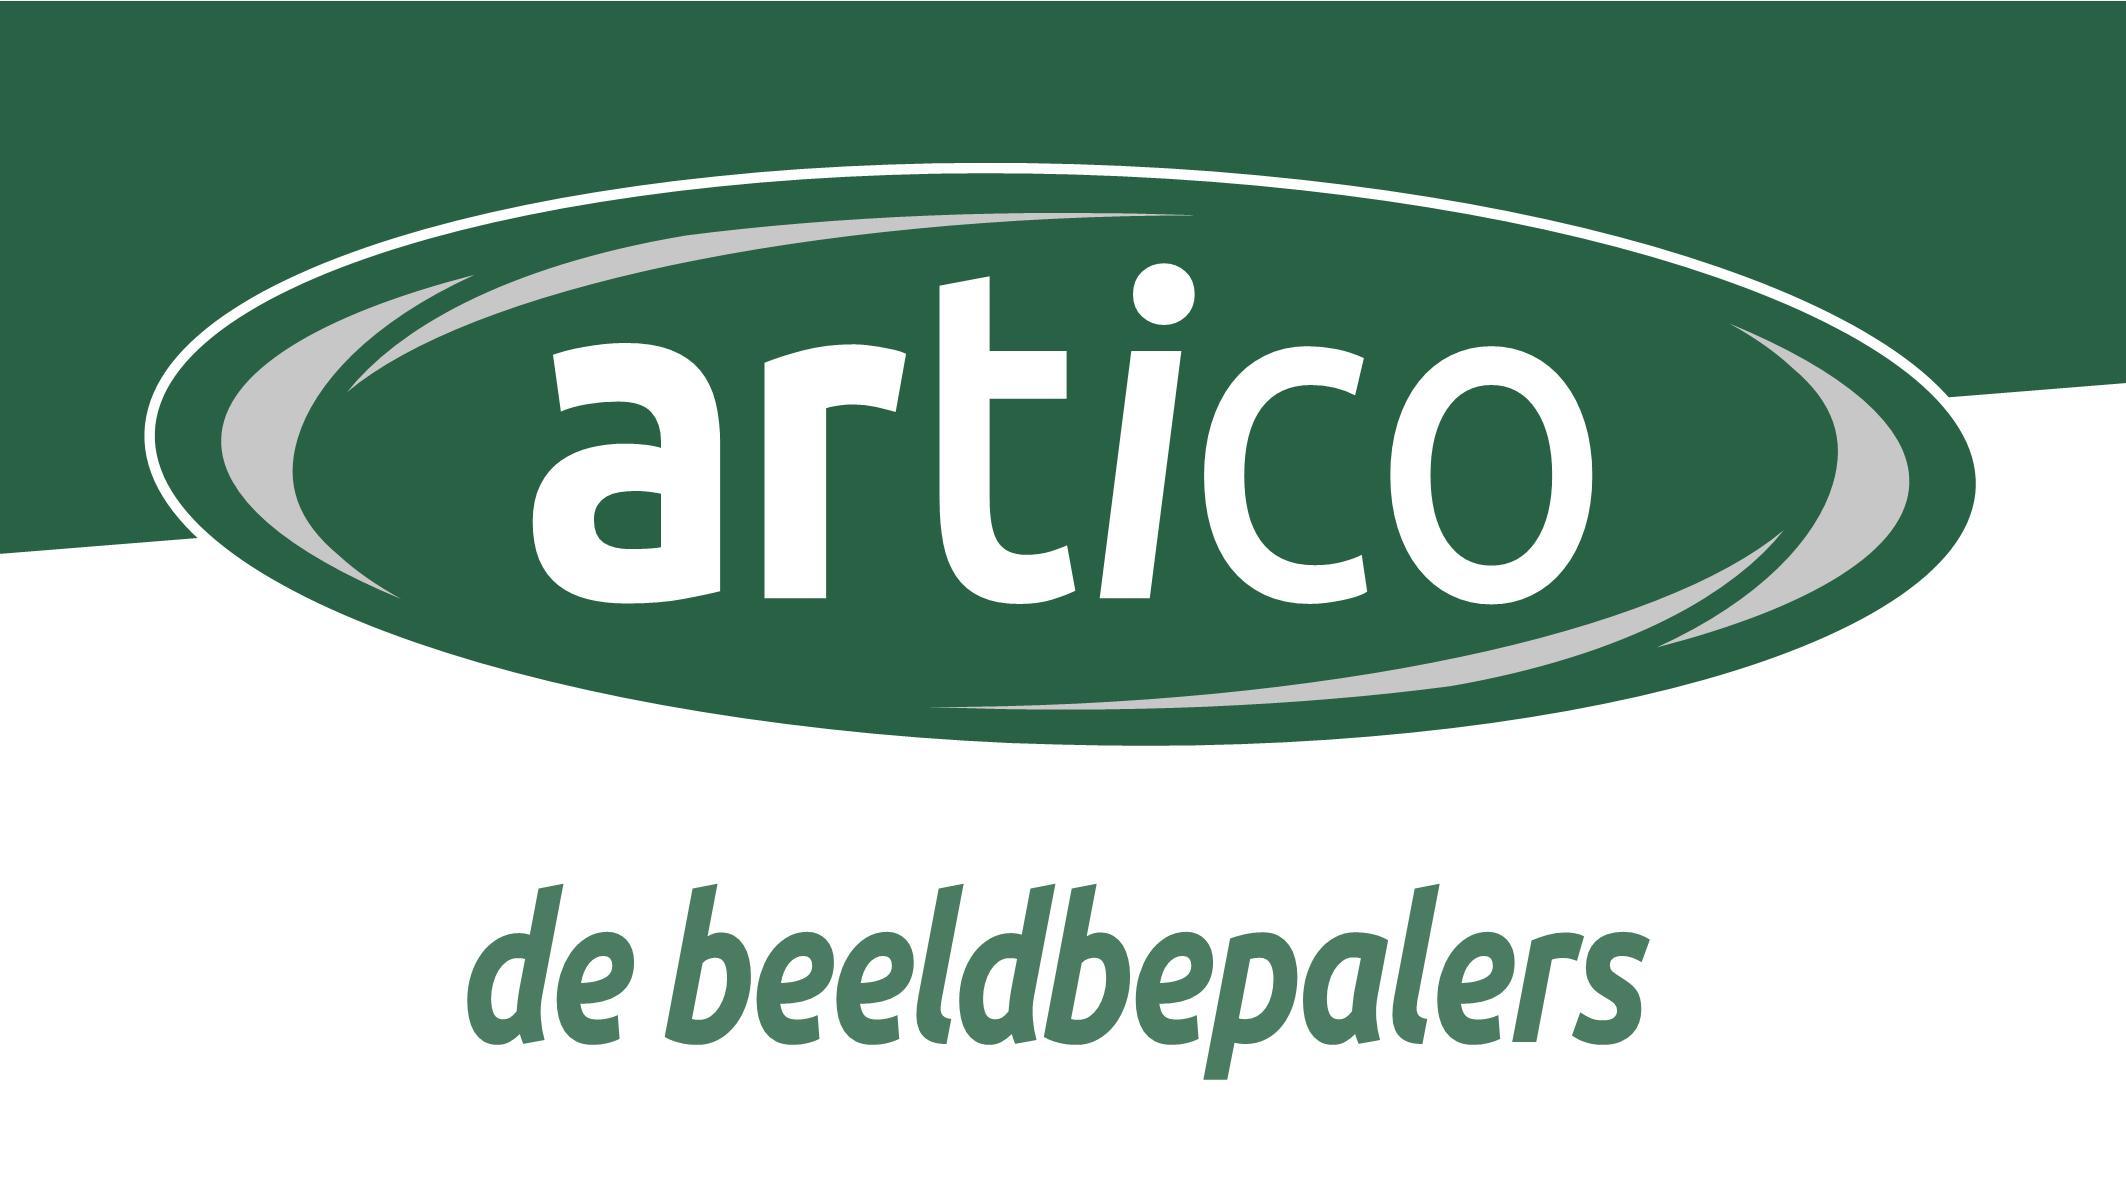 Artico 2017 rechthoek